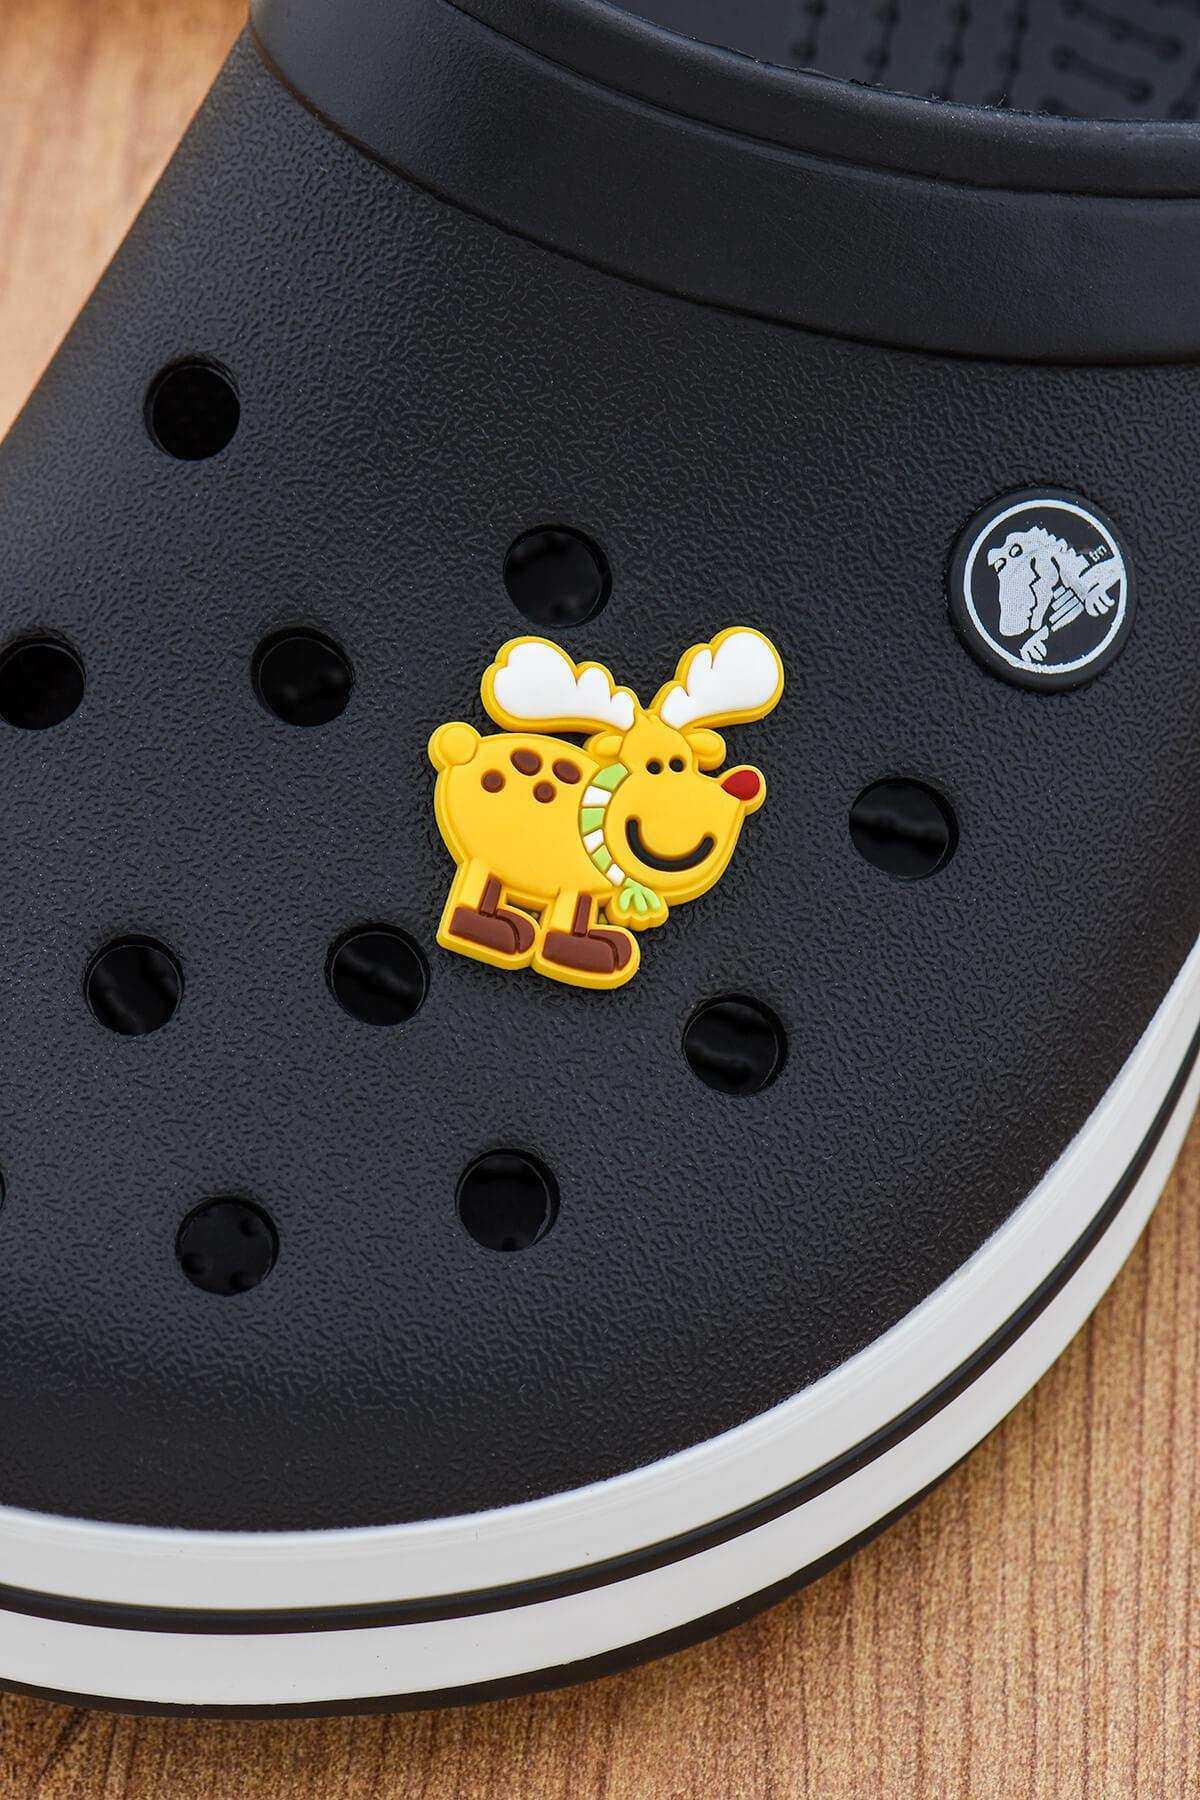 Ren Geyiği Jibbitz Crocs Süsü Bileklik Terlik Süsü Charm Terlik Aksesuarı - CRS0117